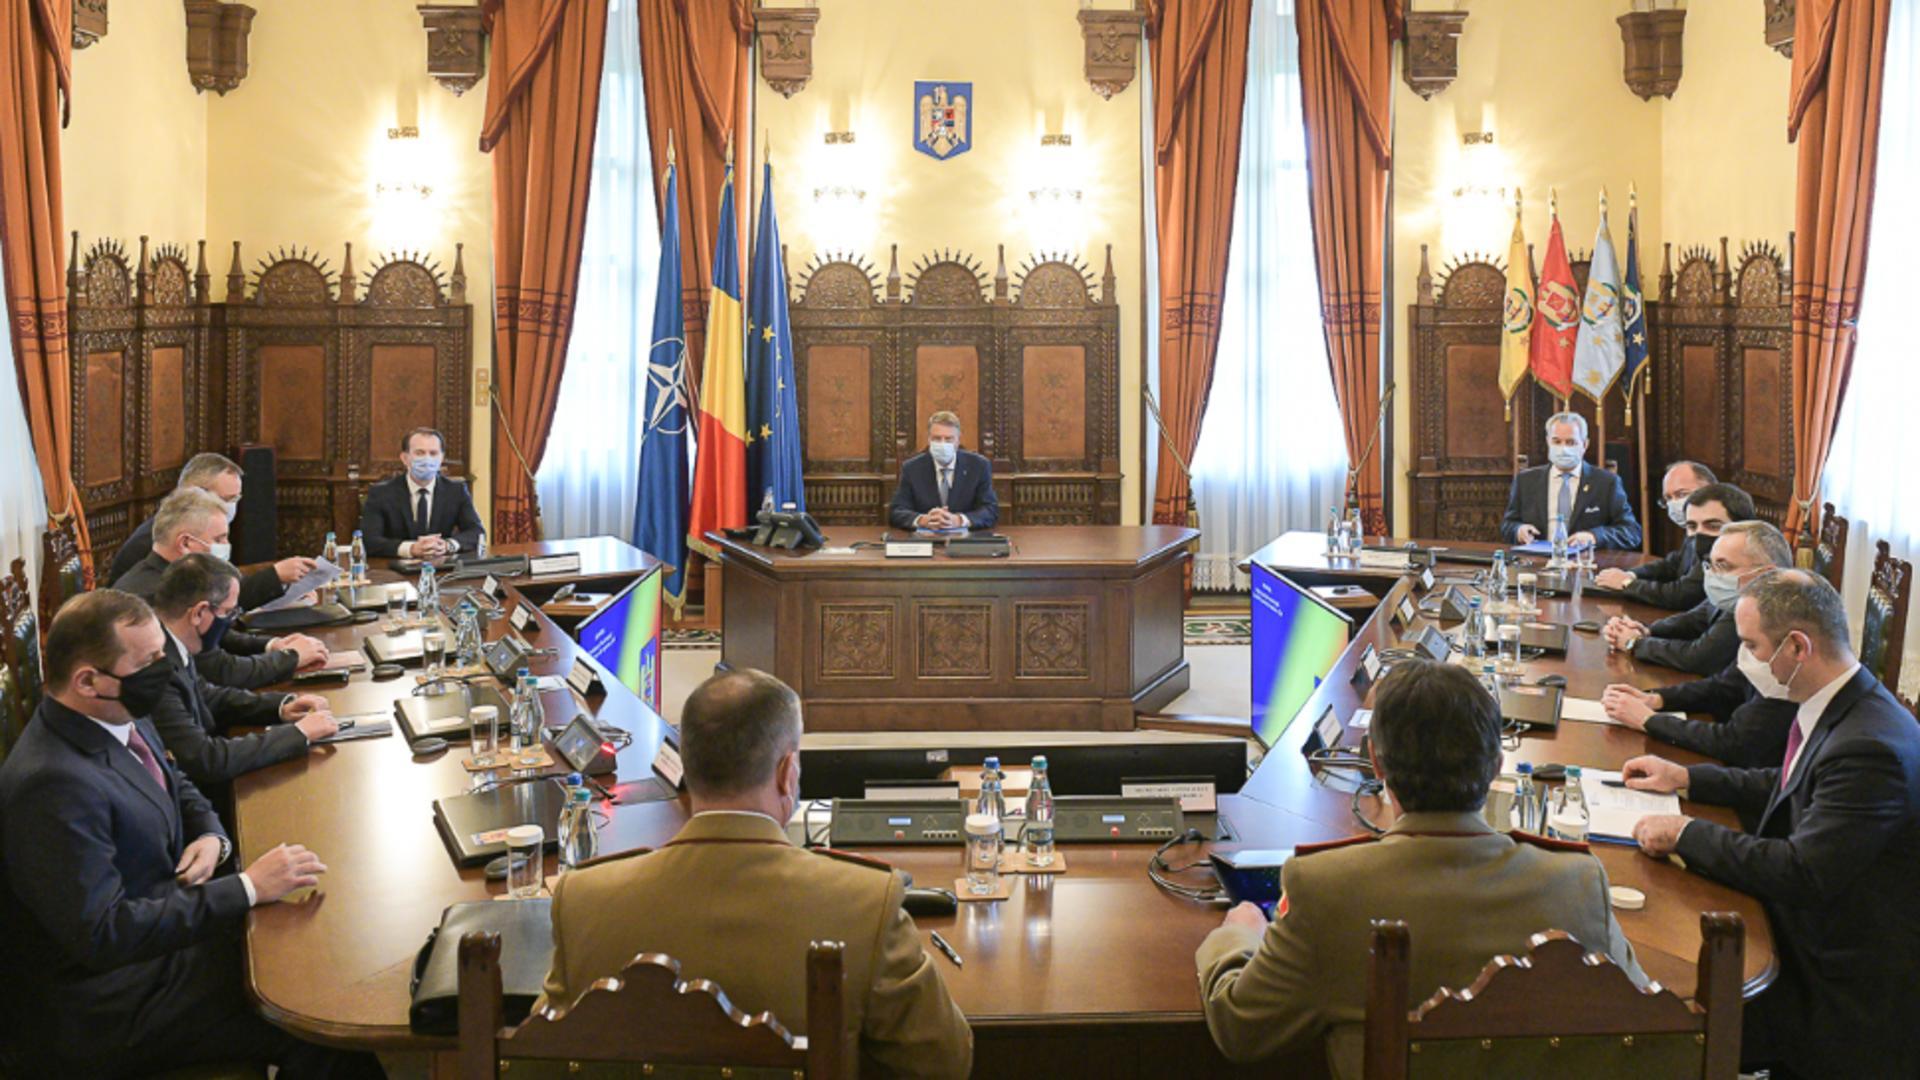 CSAT a decis ce va face în relația cu Rusia după expulzarea unui oficial rus din România Foto: Presidency.ro